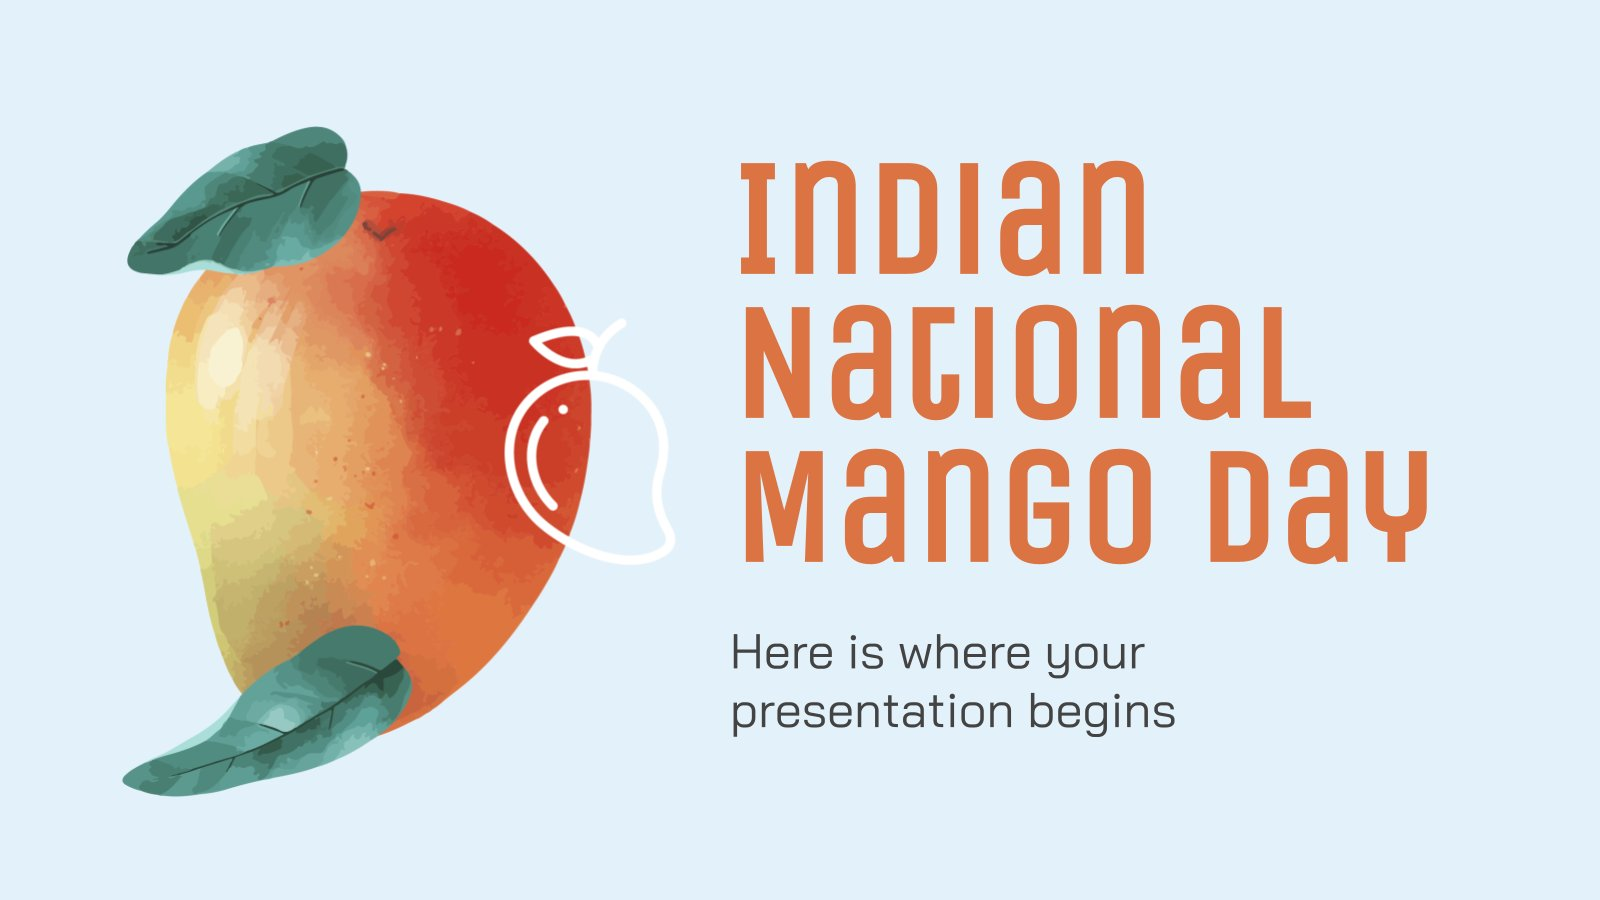 Journée nationale de la mangue : Modèles de présentation